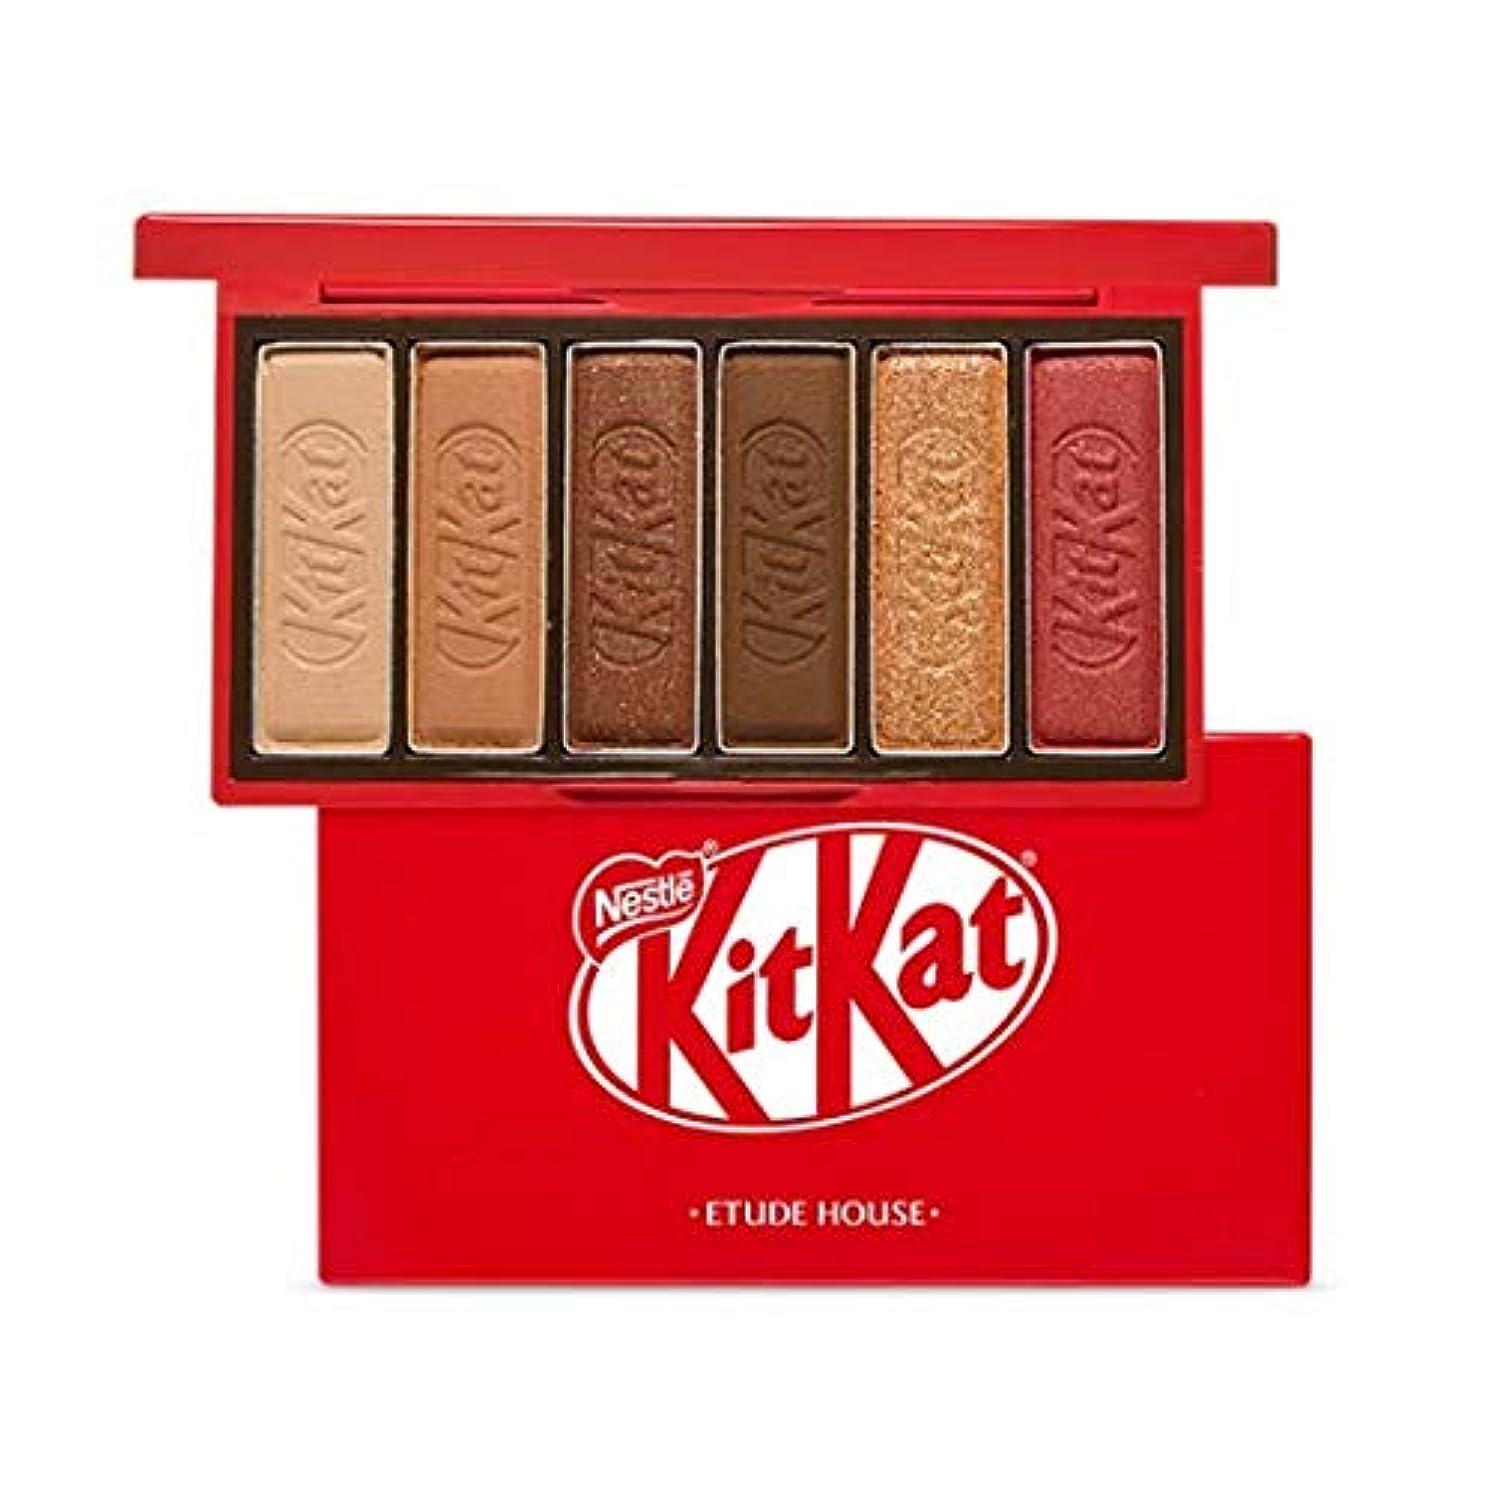 ありそうヘアドレインエチュードハウス キットカット プレイカラー アイズ ミニ 1*6g / ETUDE HOUSE KitKat Play Color Eyes Mini #1 KitKat Original [並行輸入品]